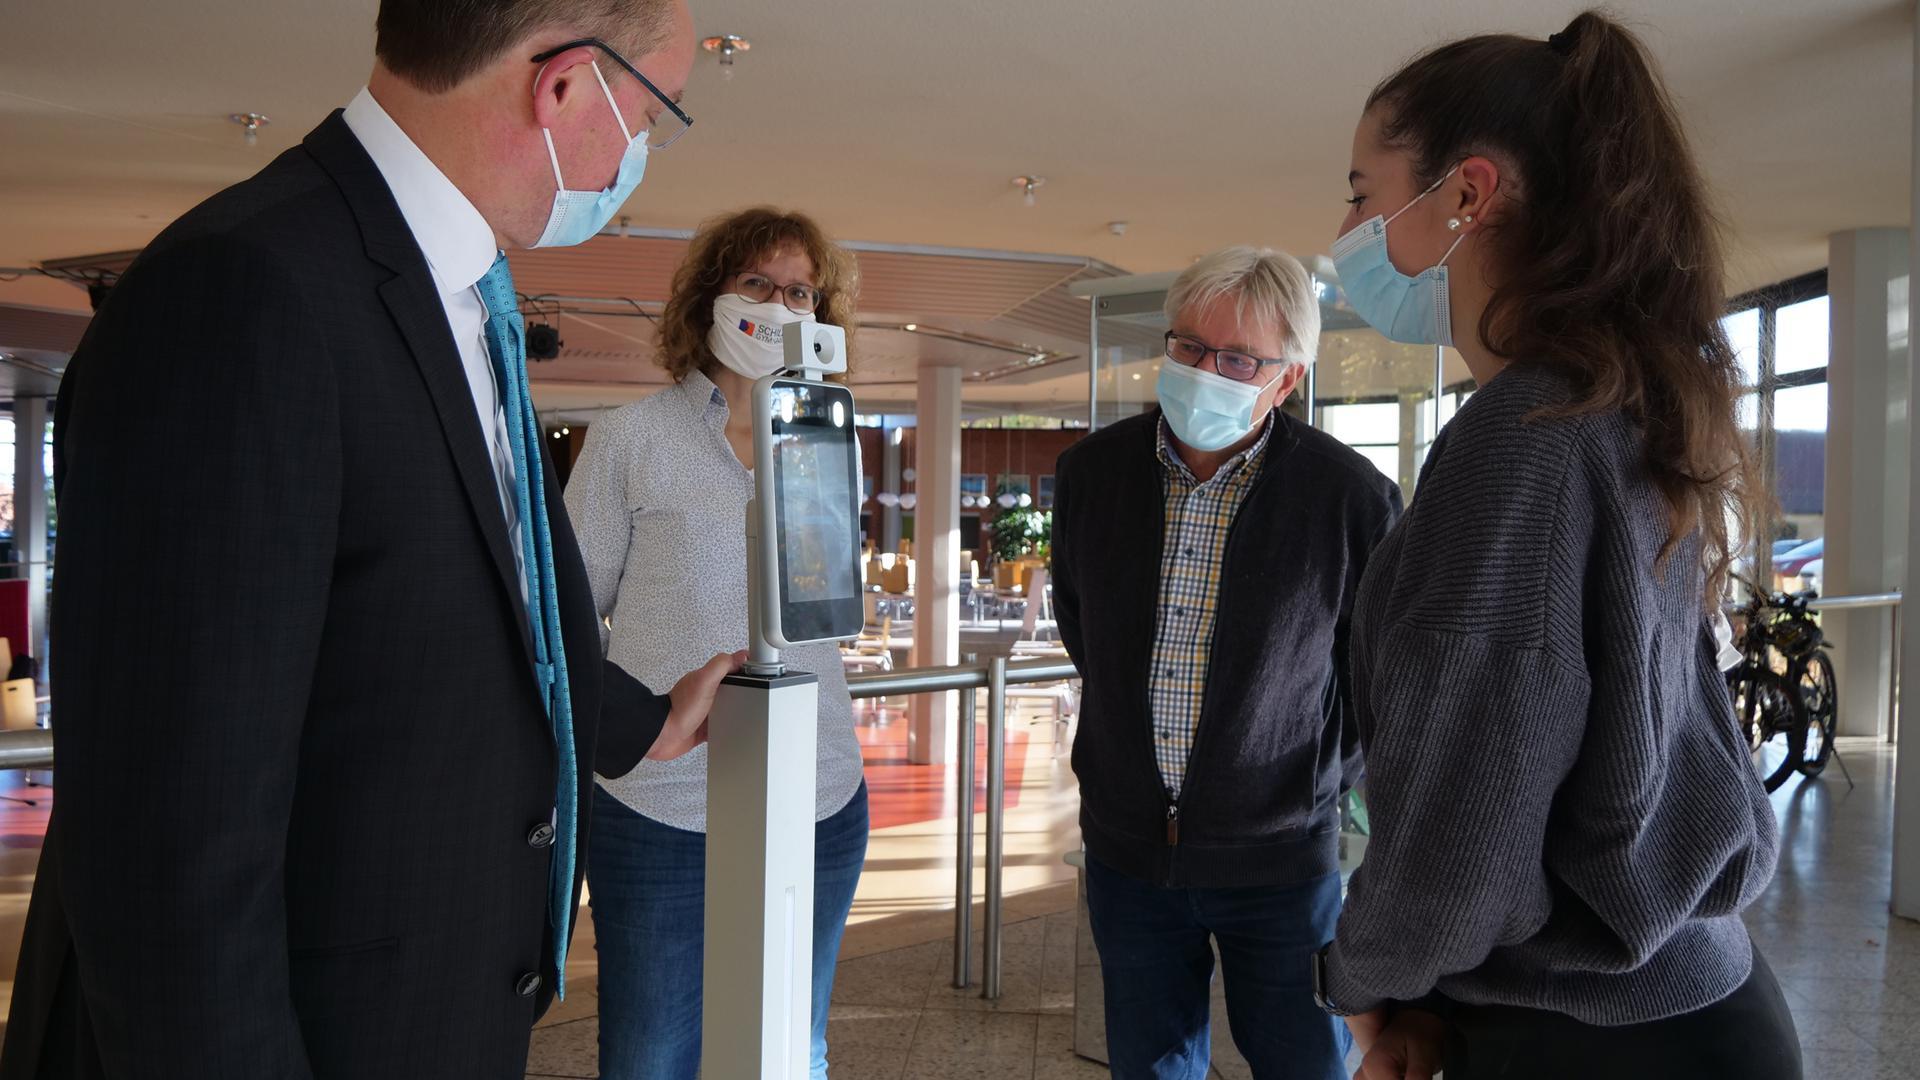 Vier Personen stehen um einen Fieberscanner, eine junge Frau demonstriert den Gebrauch.